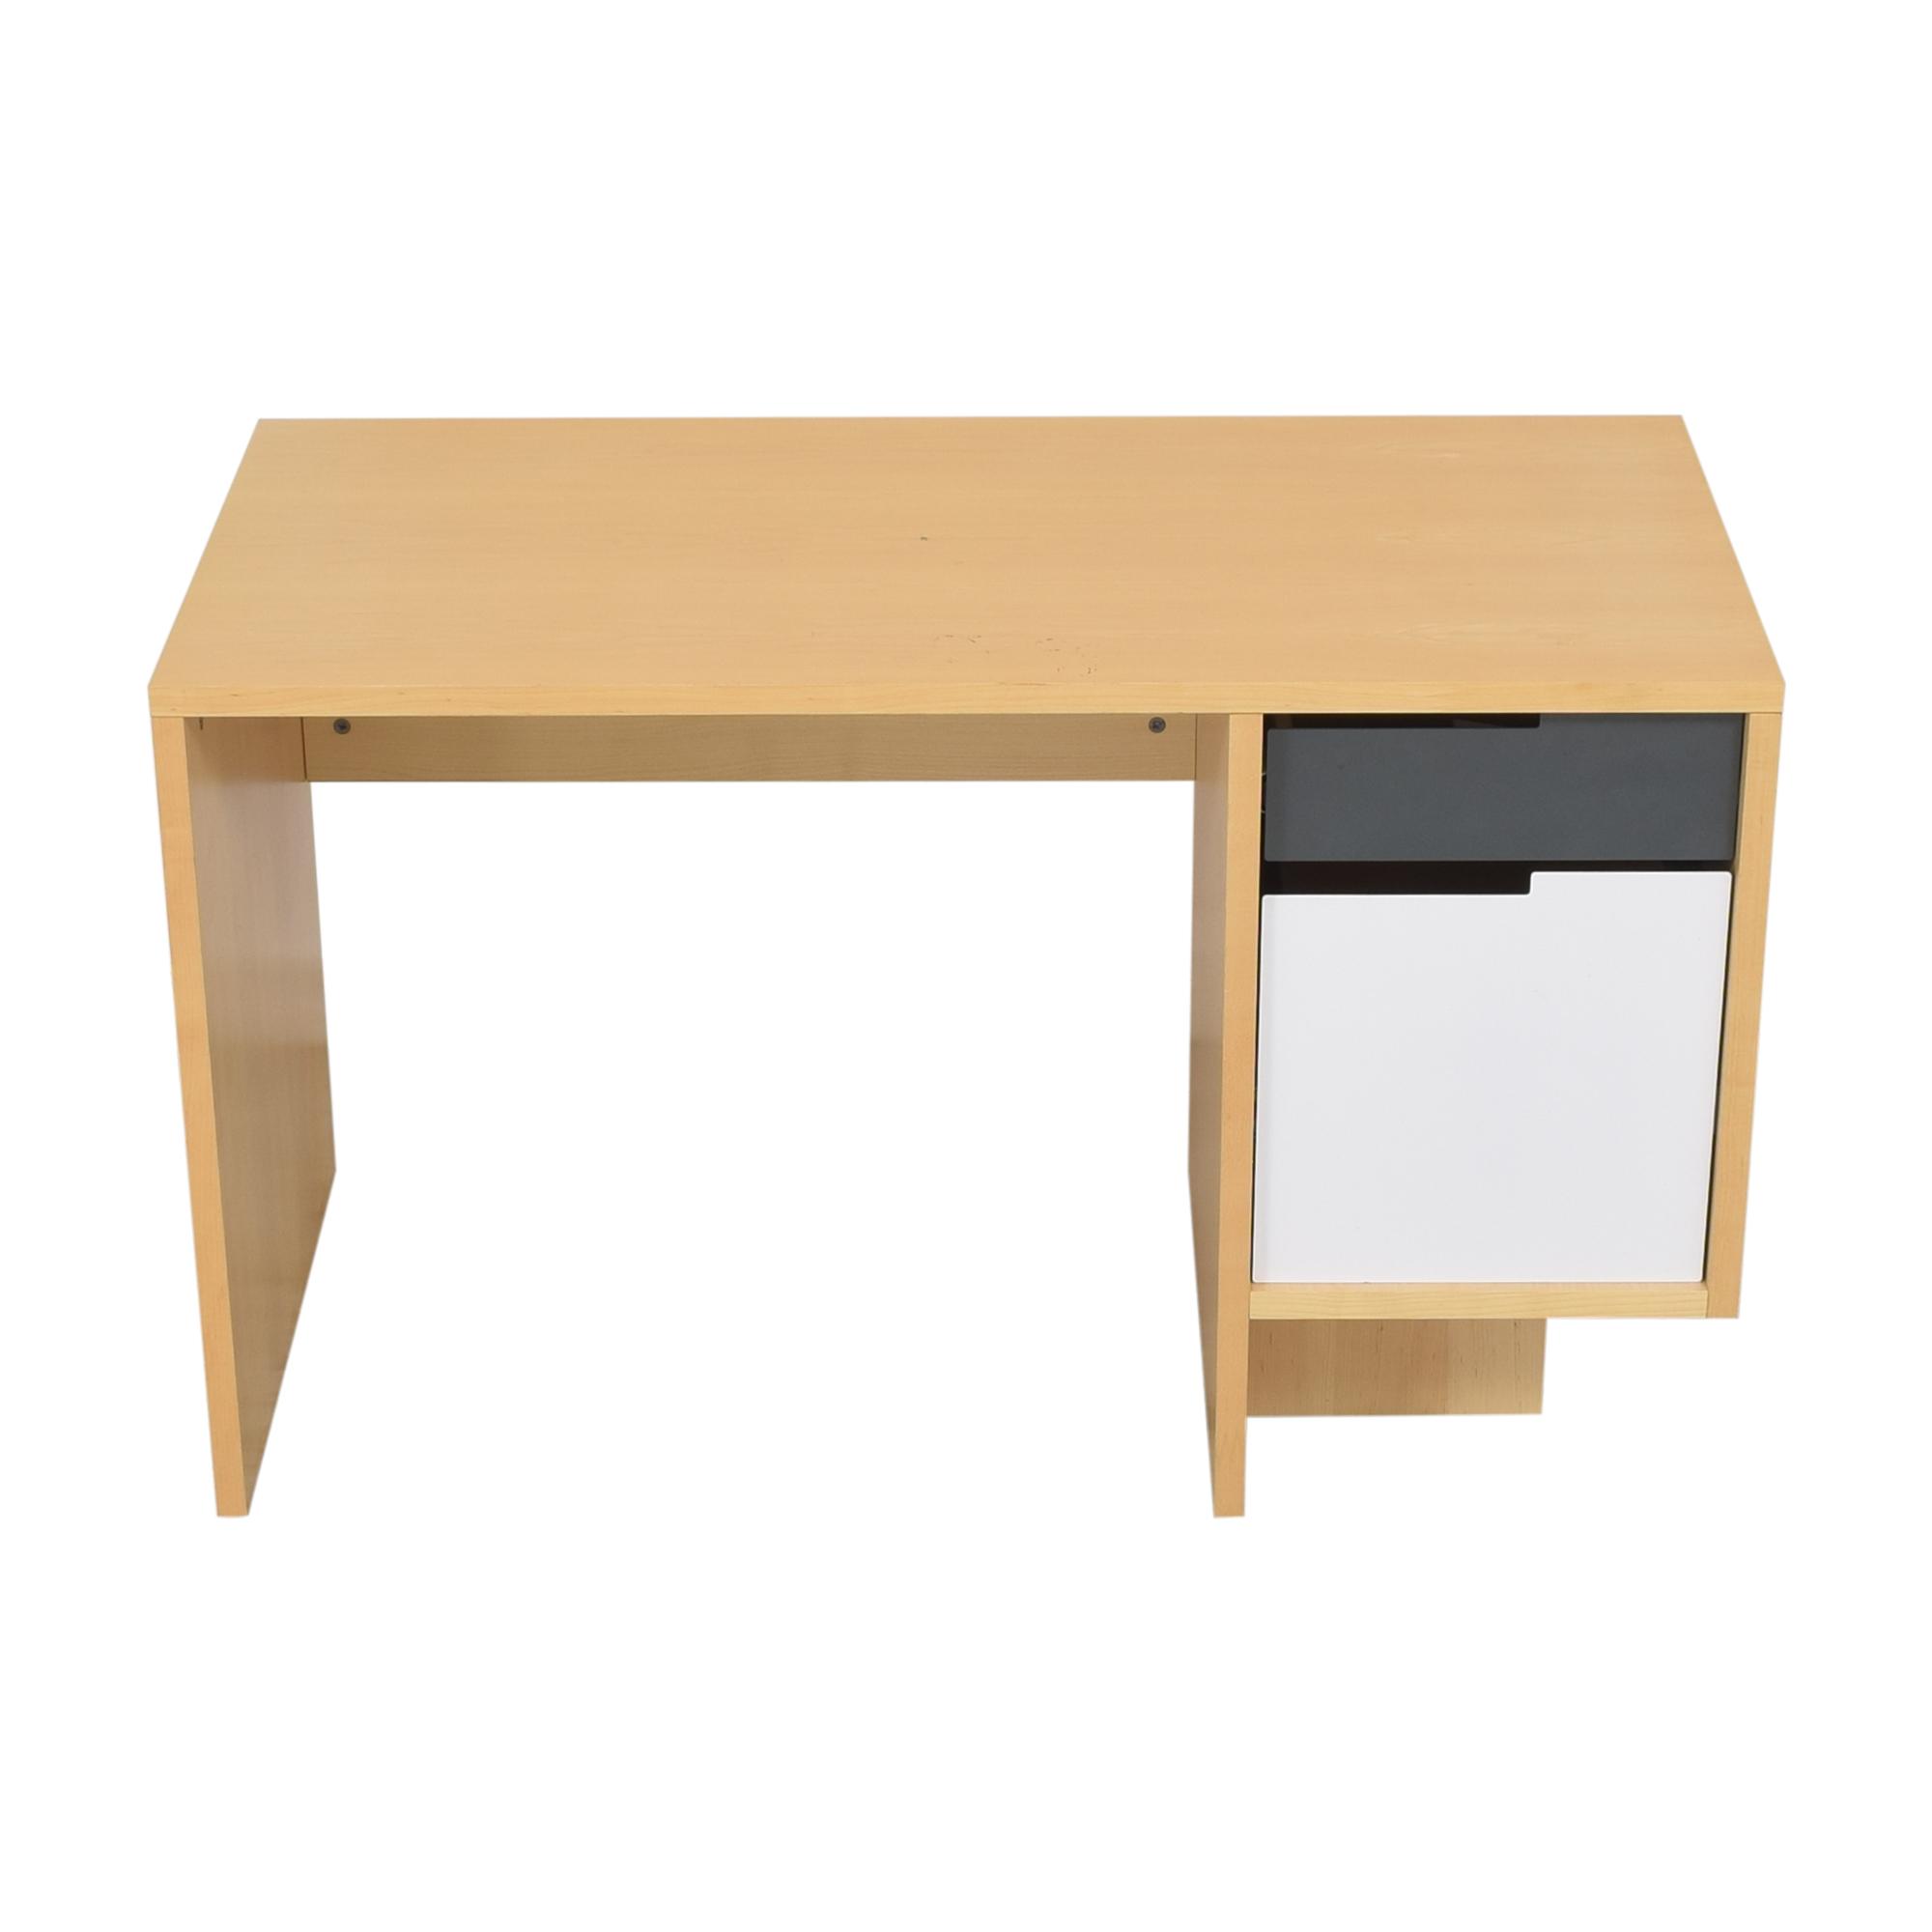 buy Blu Dot Modu-Licious Deskette Blu Dot Tables